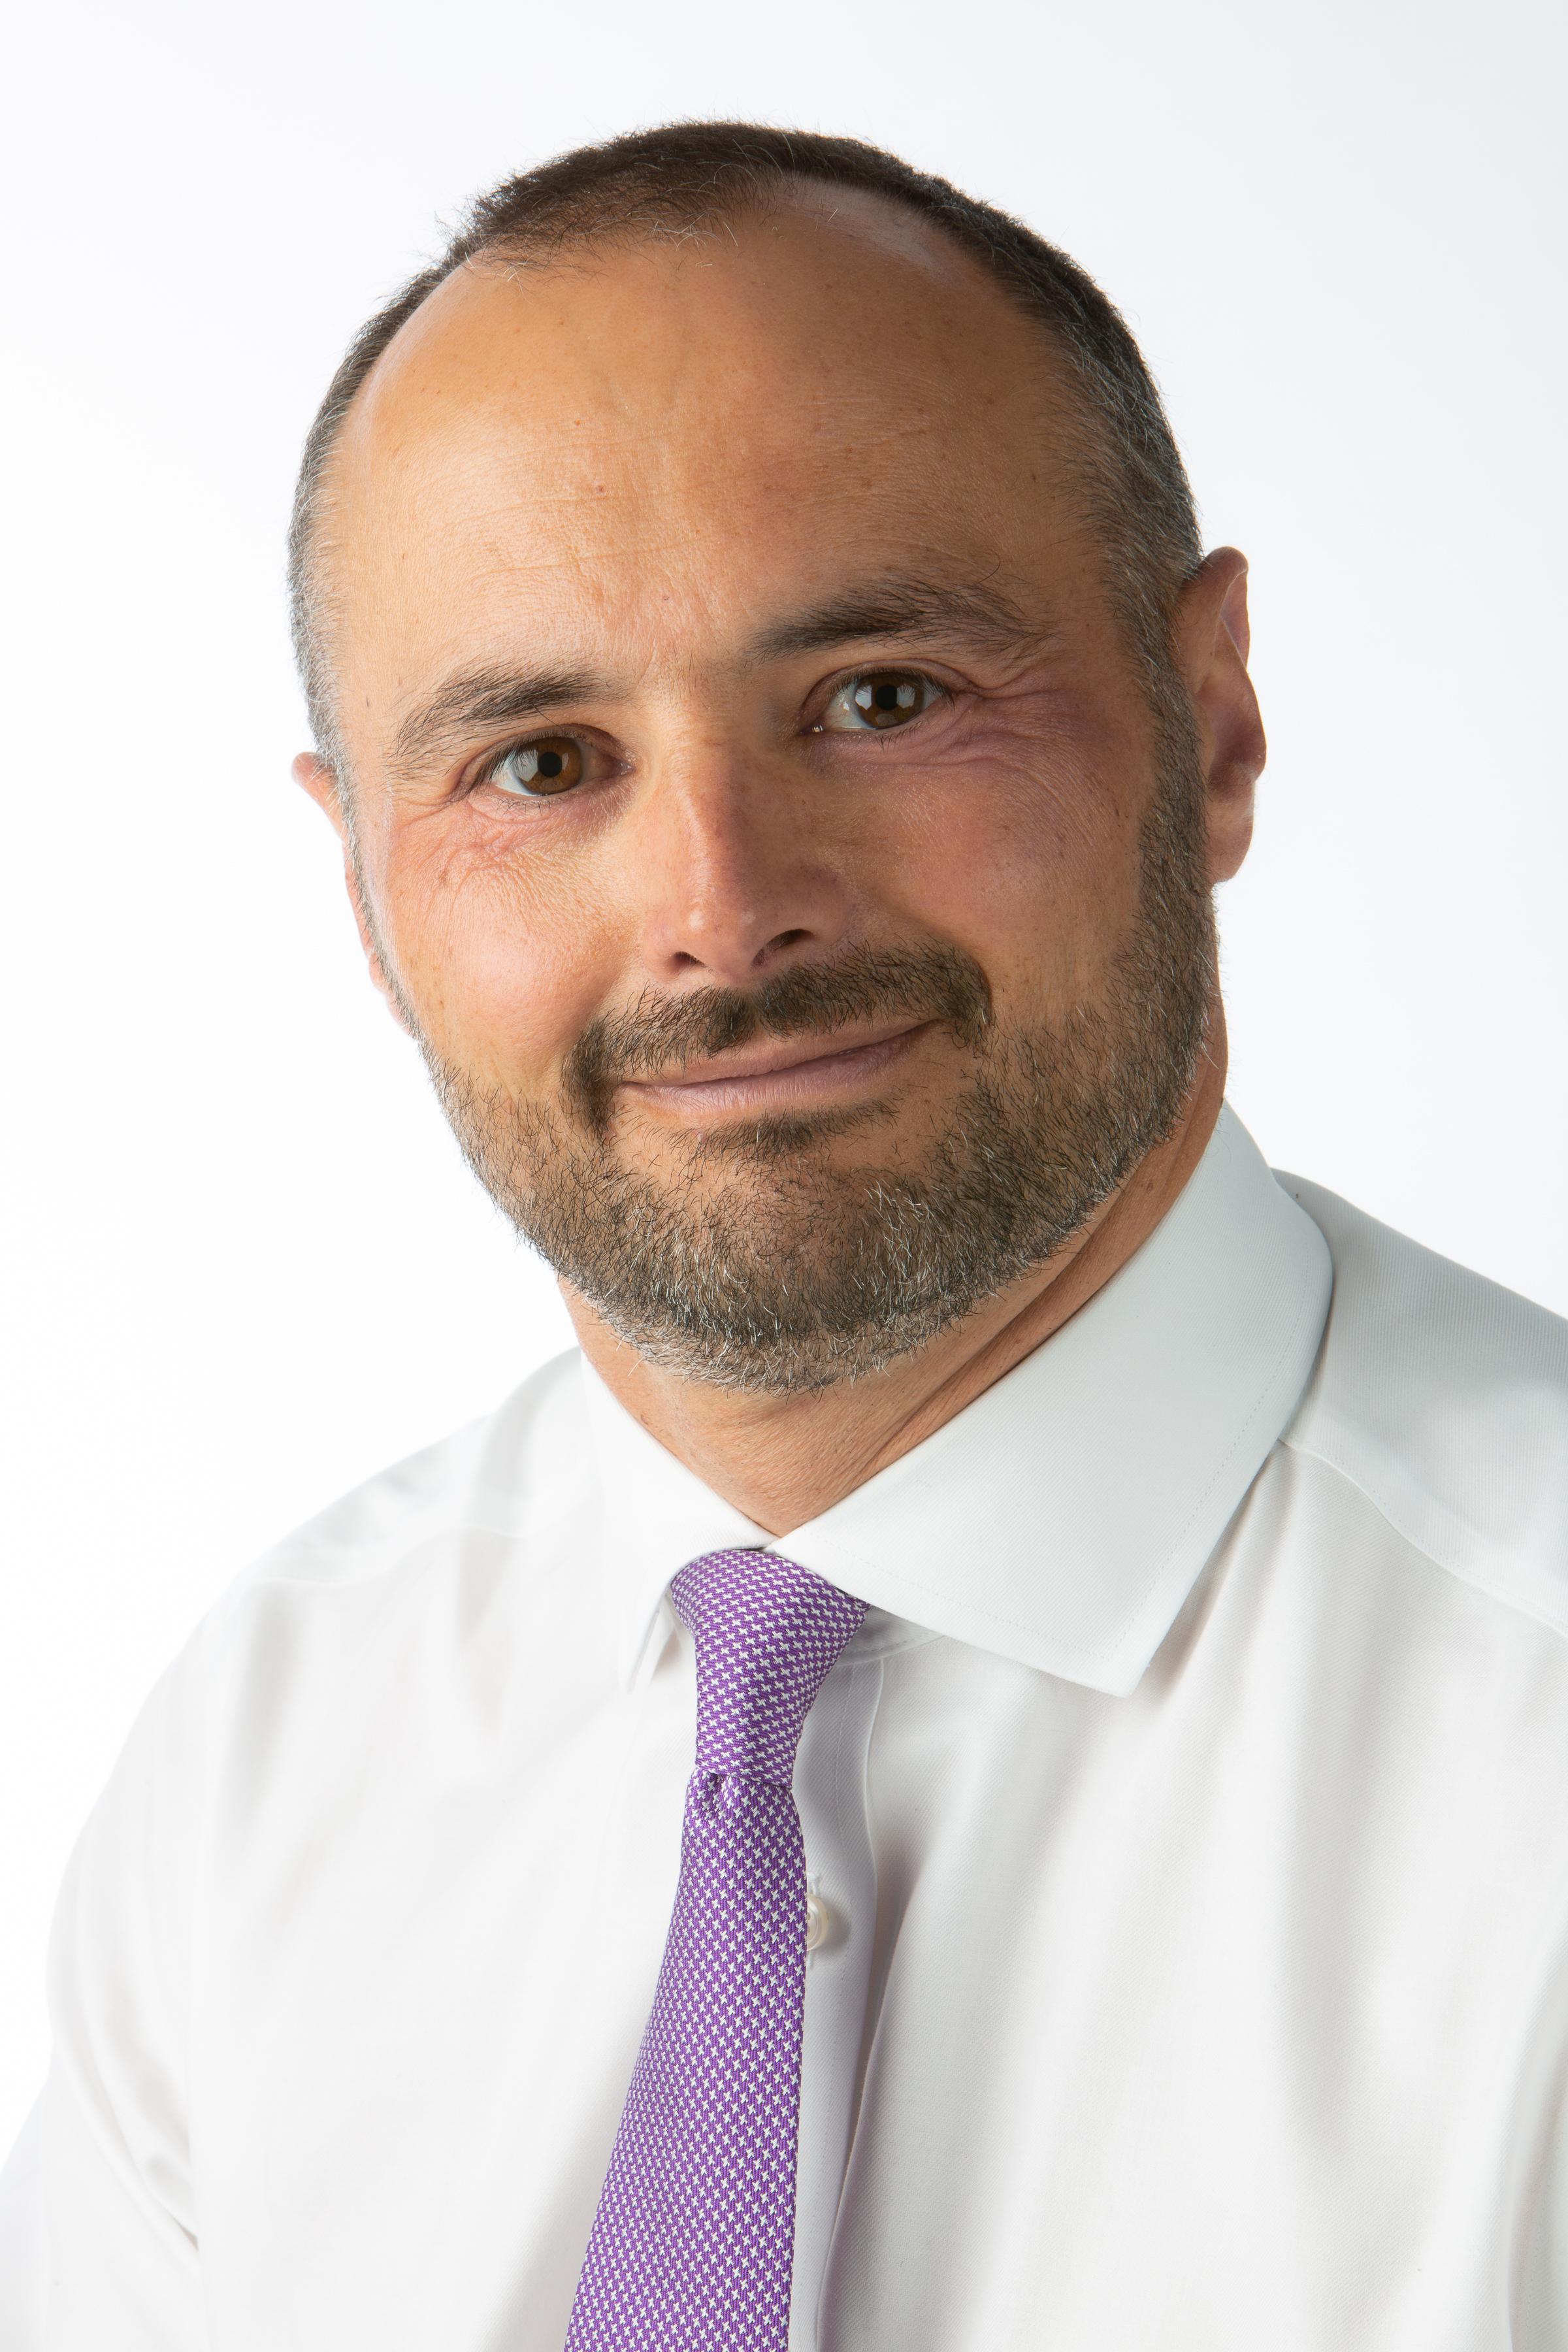 Mr Mark Brinsden